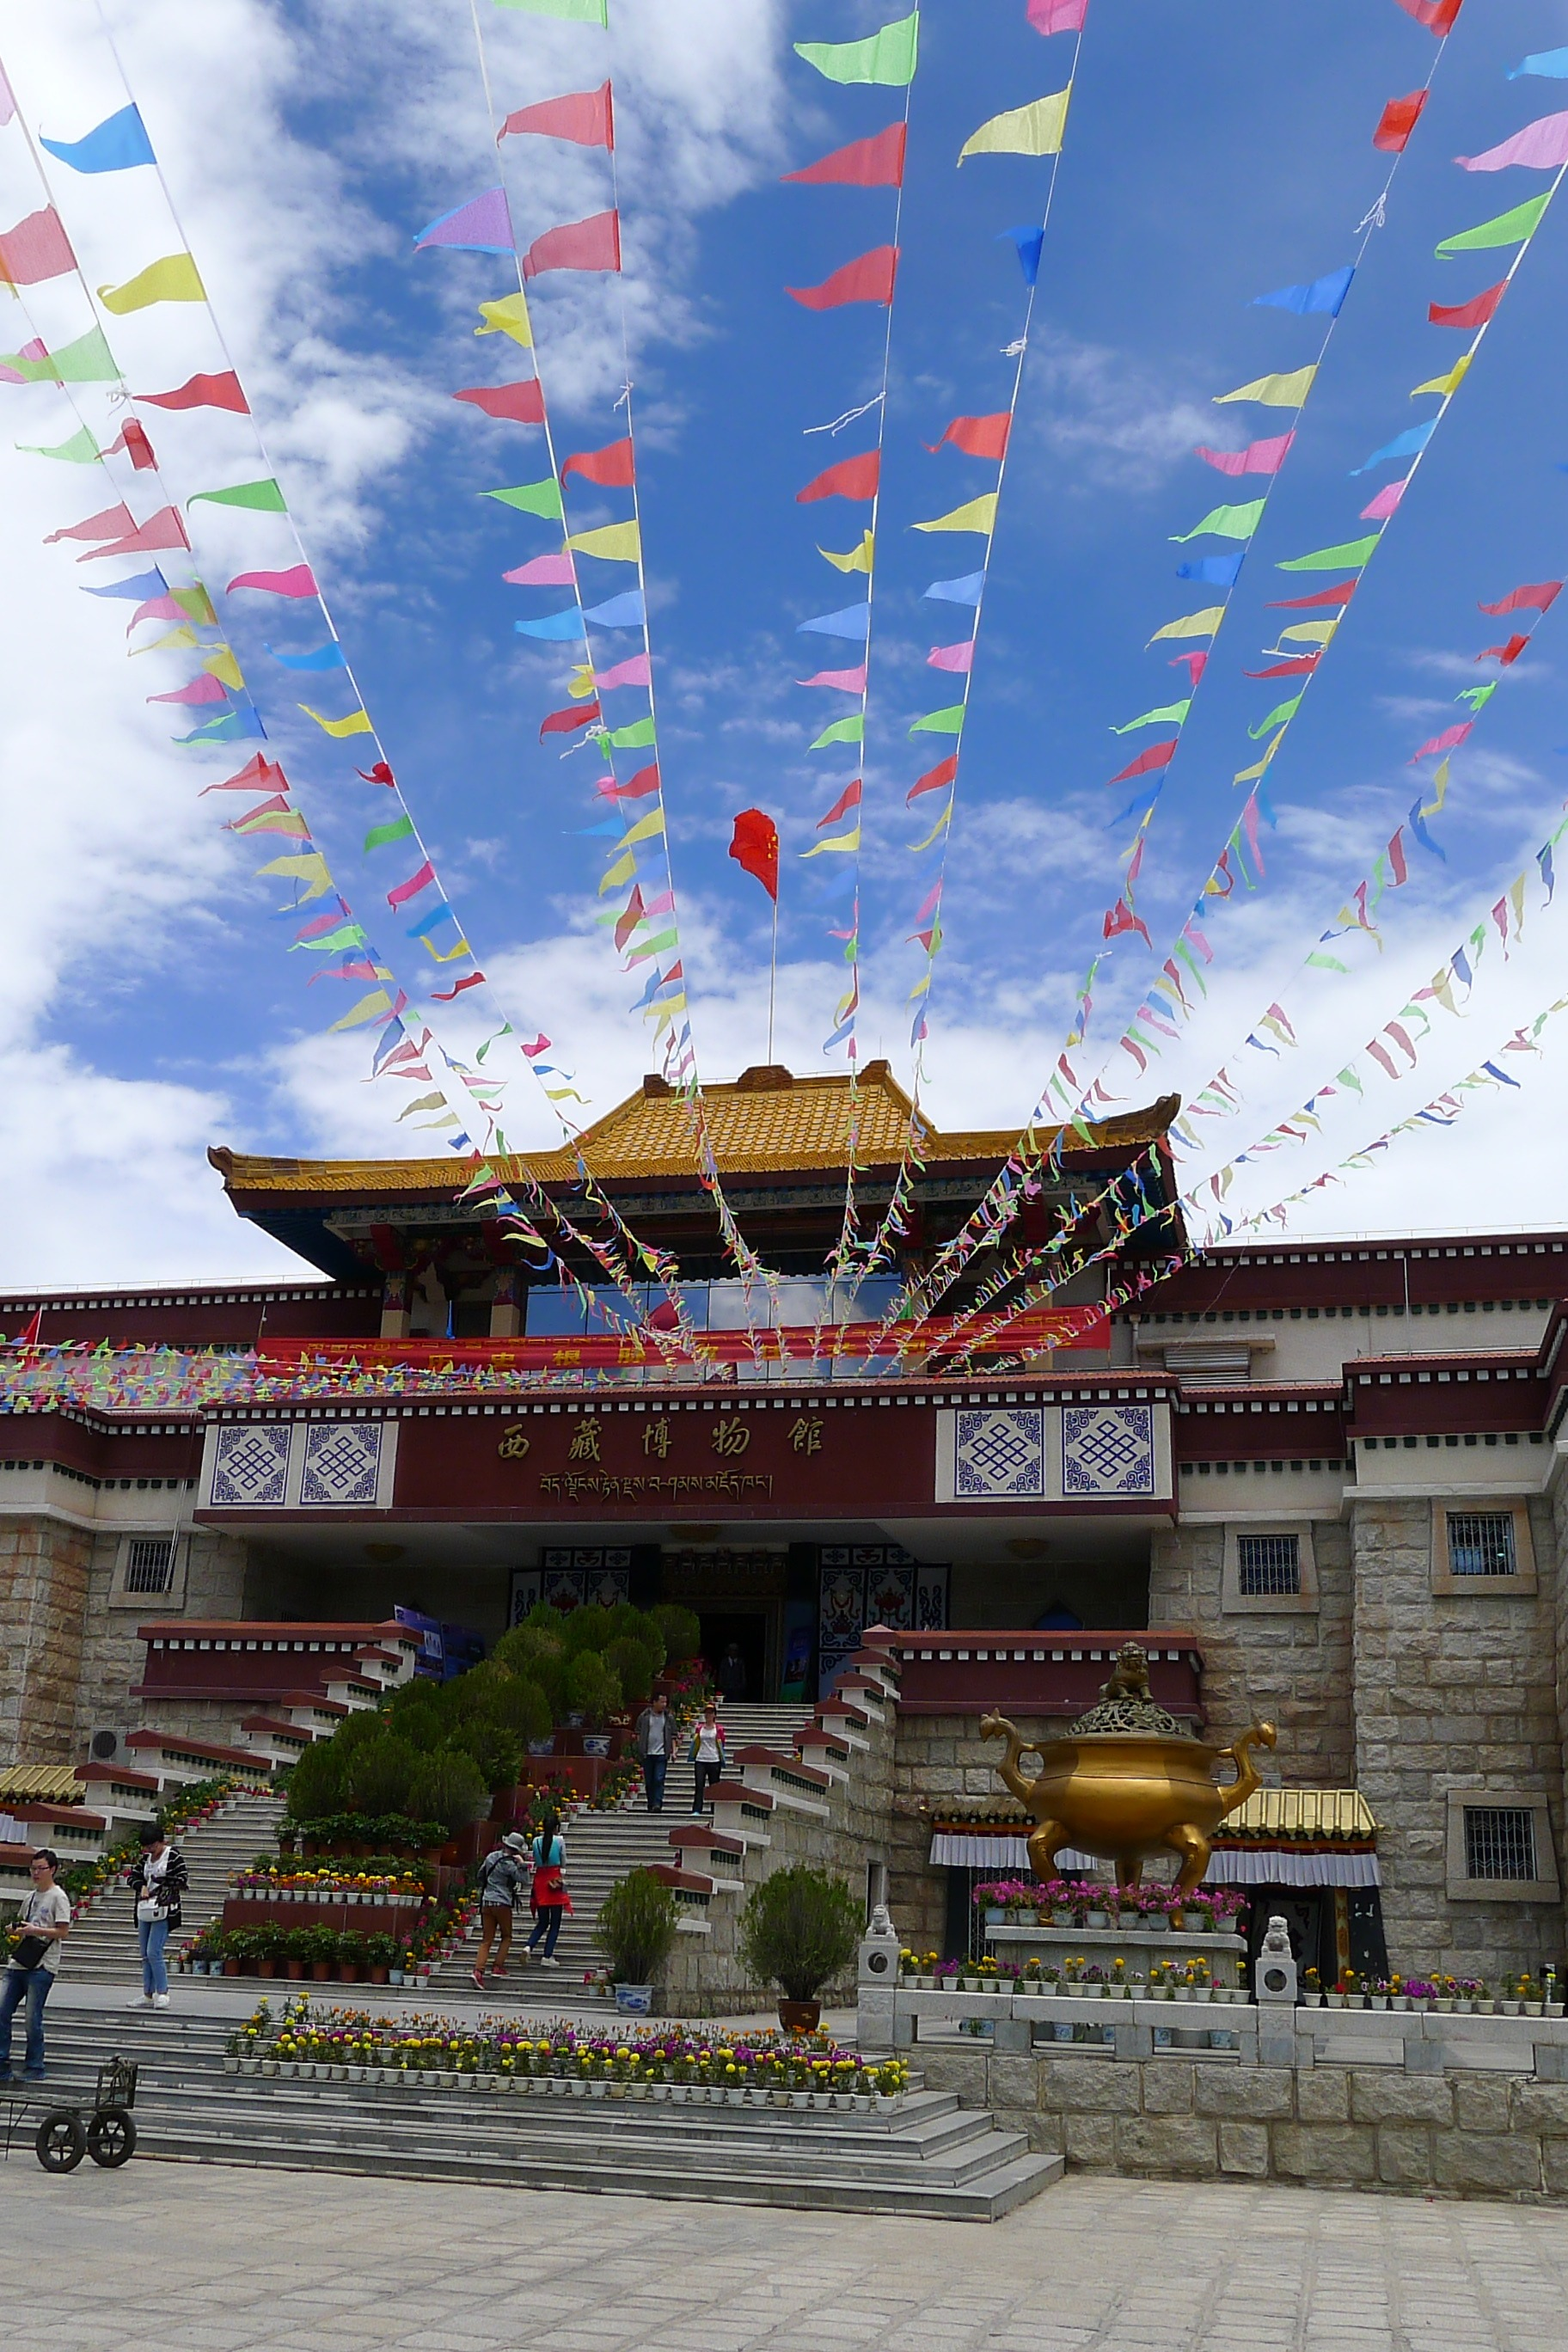 中国群团——参观西藏博物馆